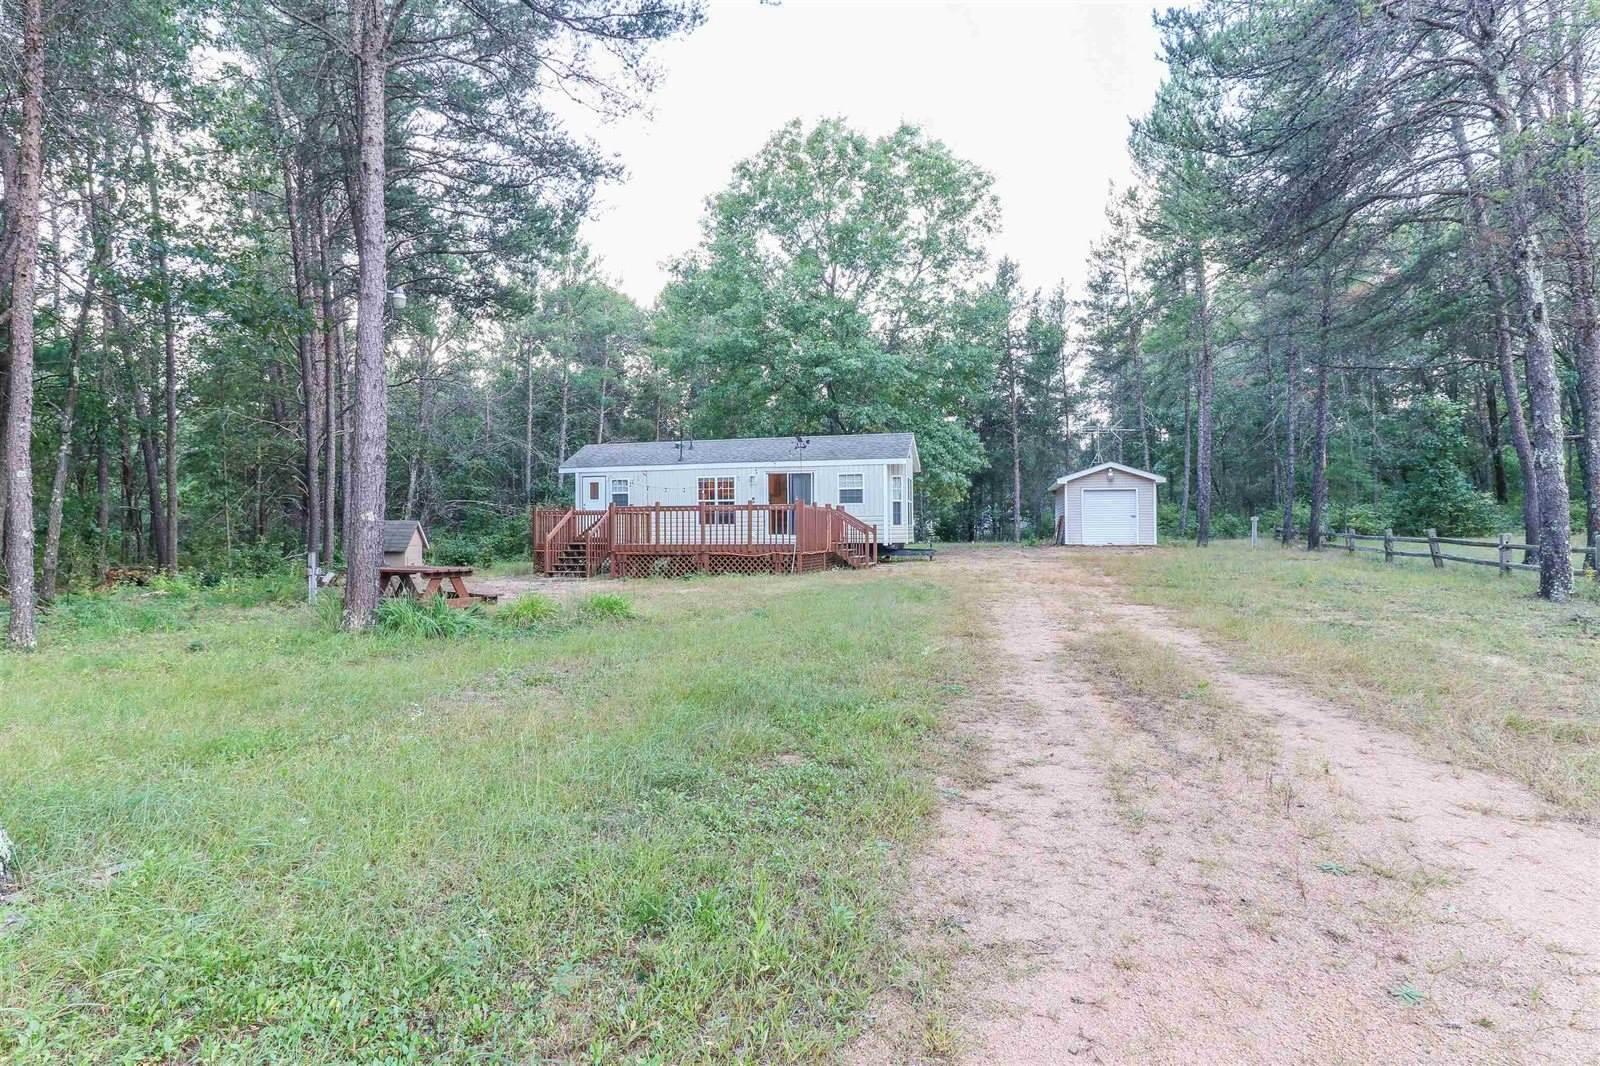 439 Sir Winston Trail, Nekoosa, WI 54457